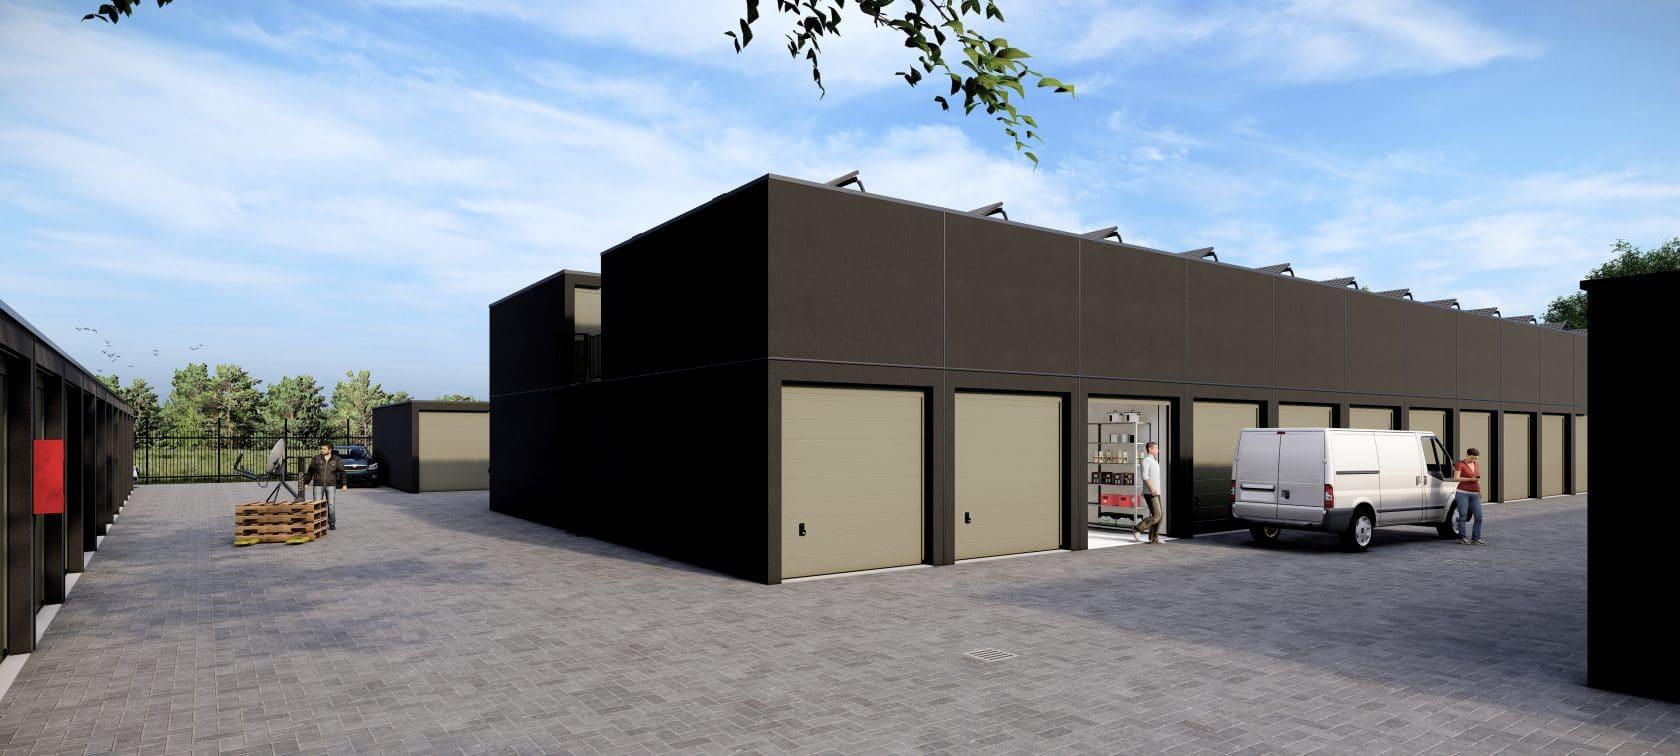 GaragePark Nijmegen